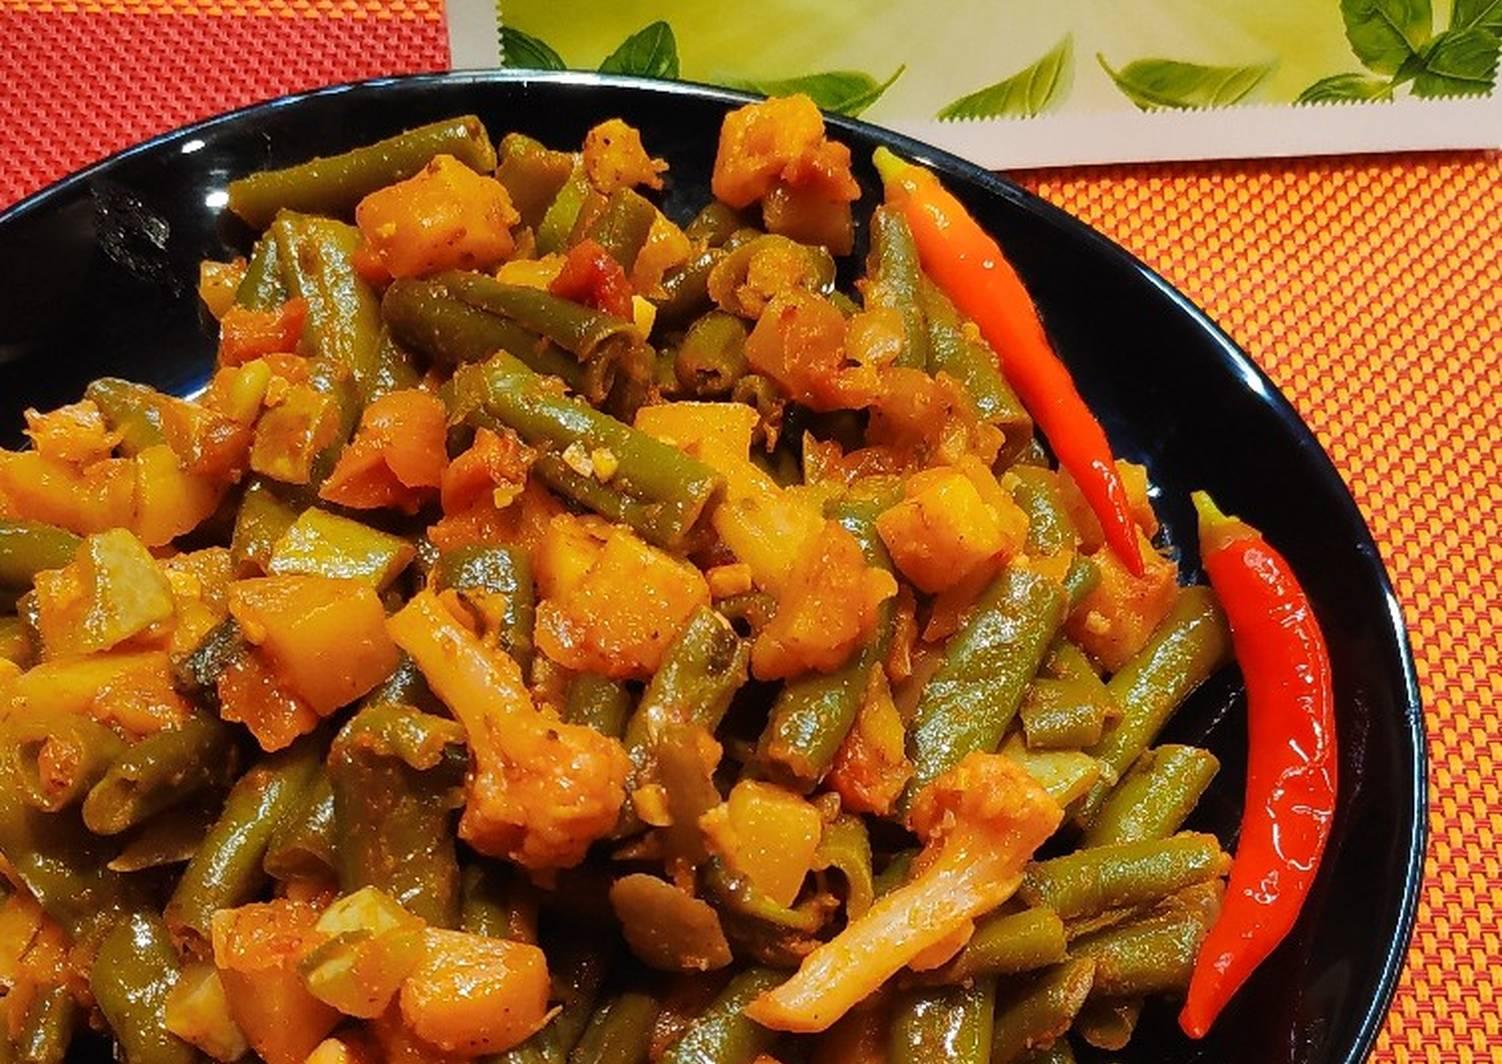 особенность тушеные овощи в казане рецепт с фото грузия